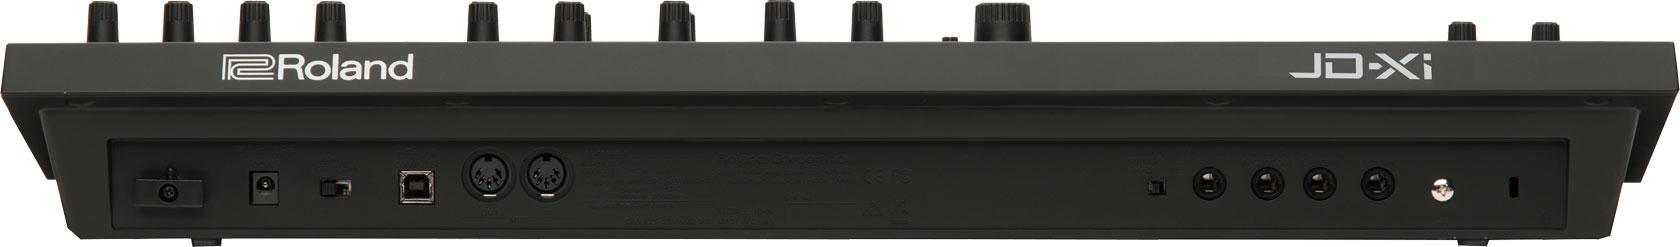 roland jd-xi analog digital synthesizer rear view